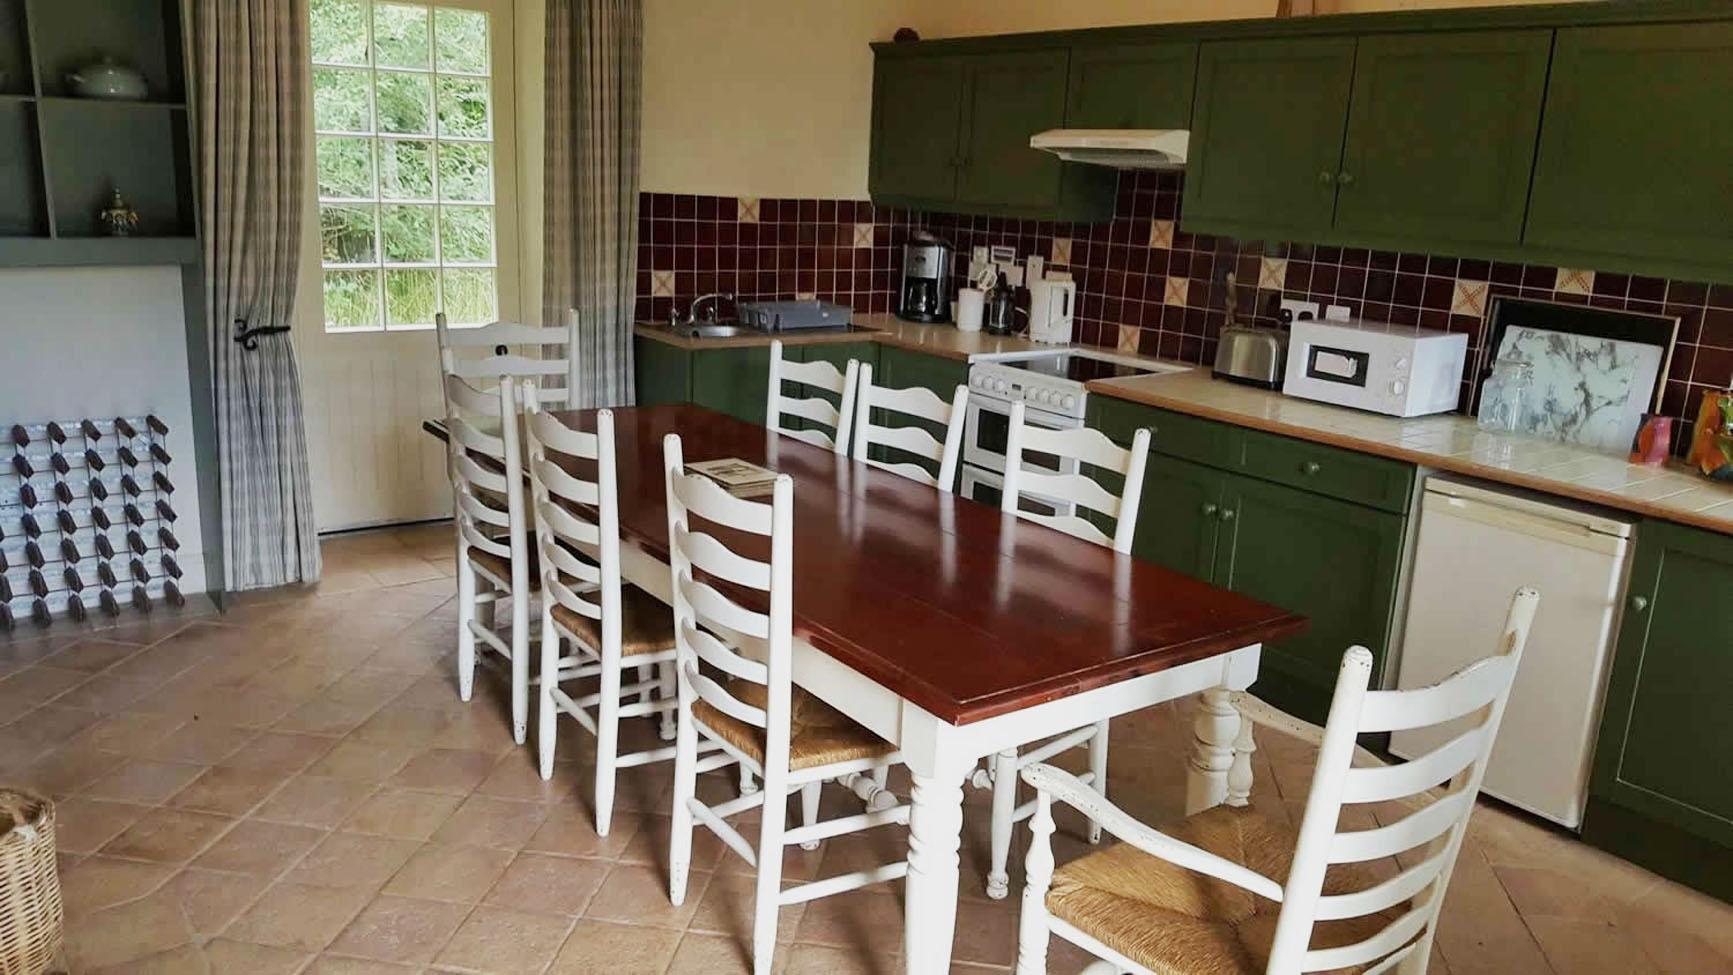 garden flat kitchen image